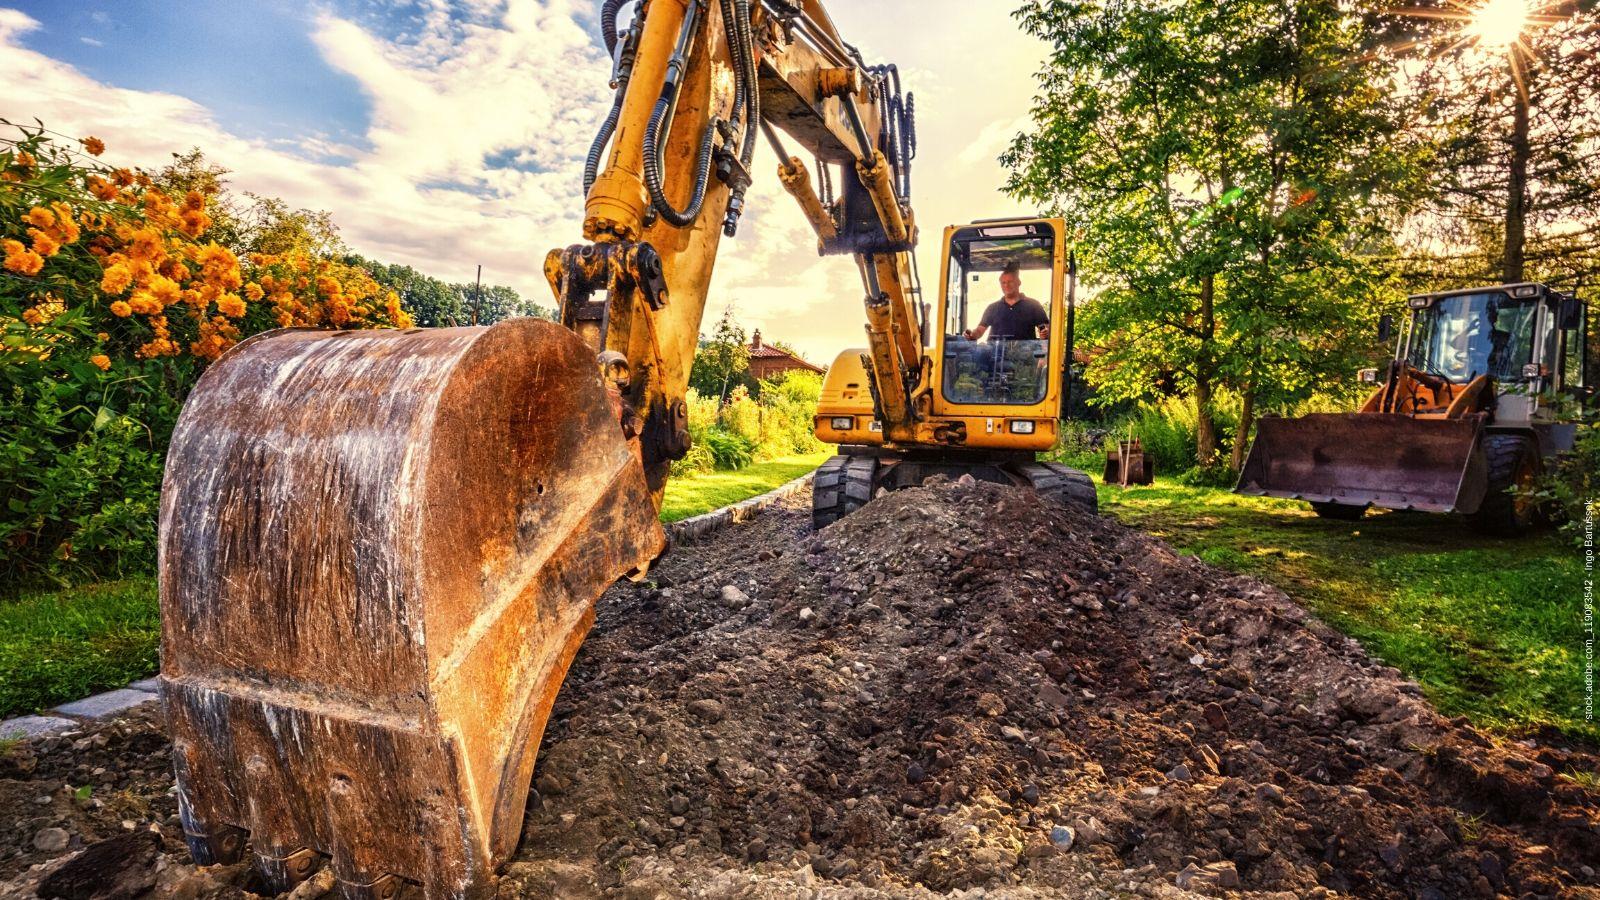 Grundbesitzer - Entdecken Sie wie Sie als Grundbesitzer mit Holzmann Erschließung Ihr unbenutztes Grundstück nutzen können.